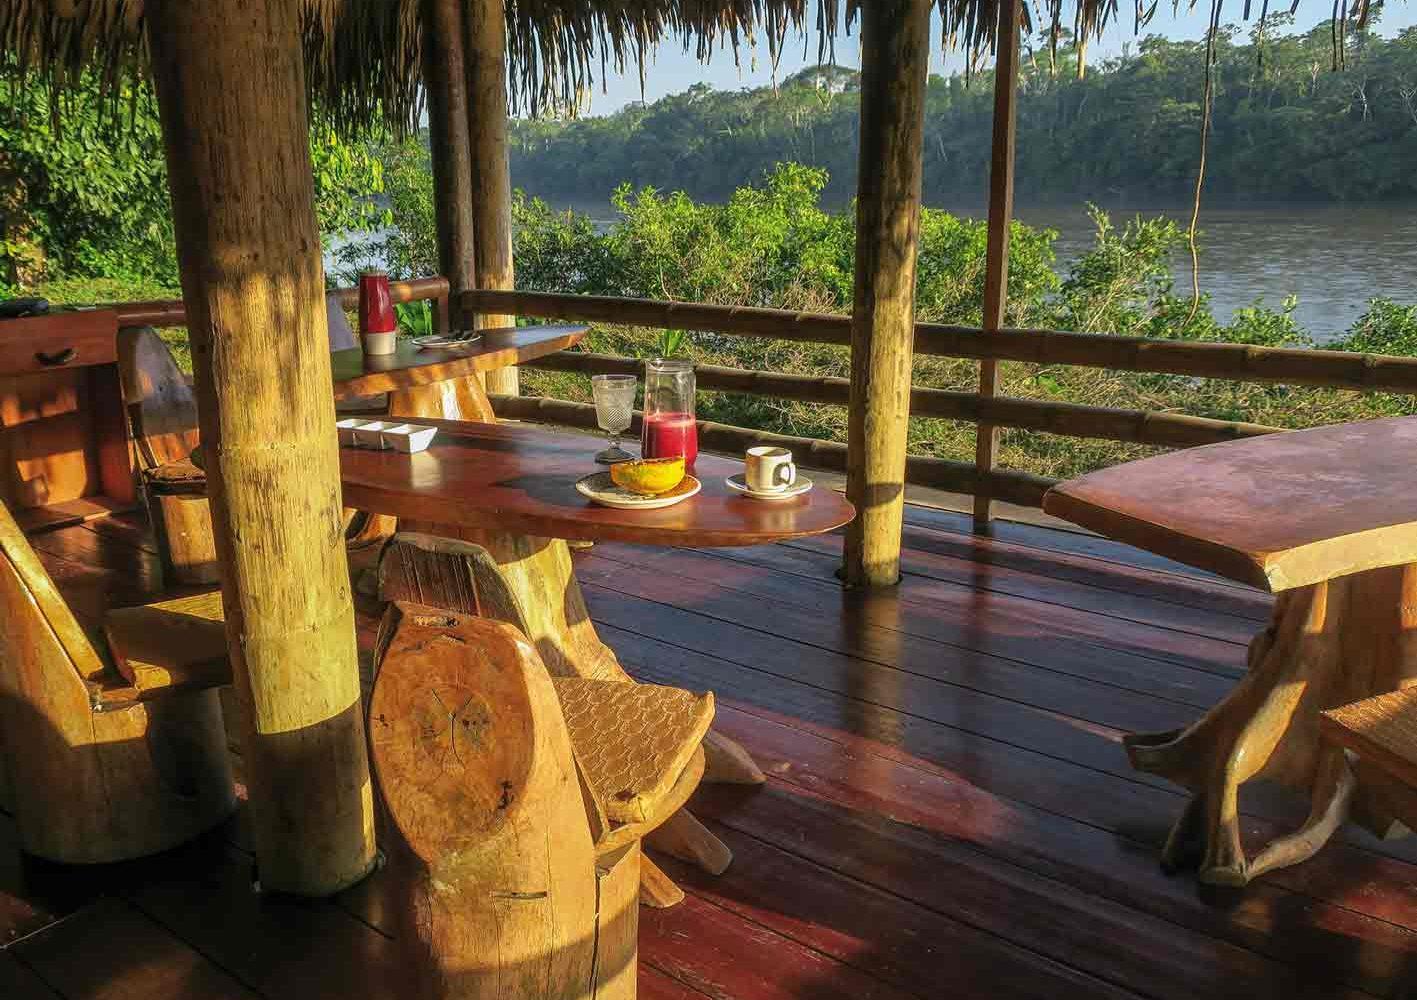 Bereits am frühen Morgen die wunderschöne Aussicht vom Restaurant auf den Fluss geniessen.